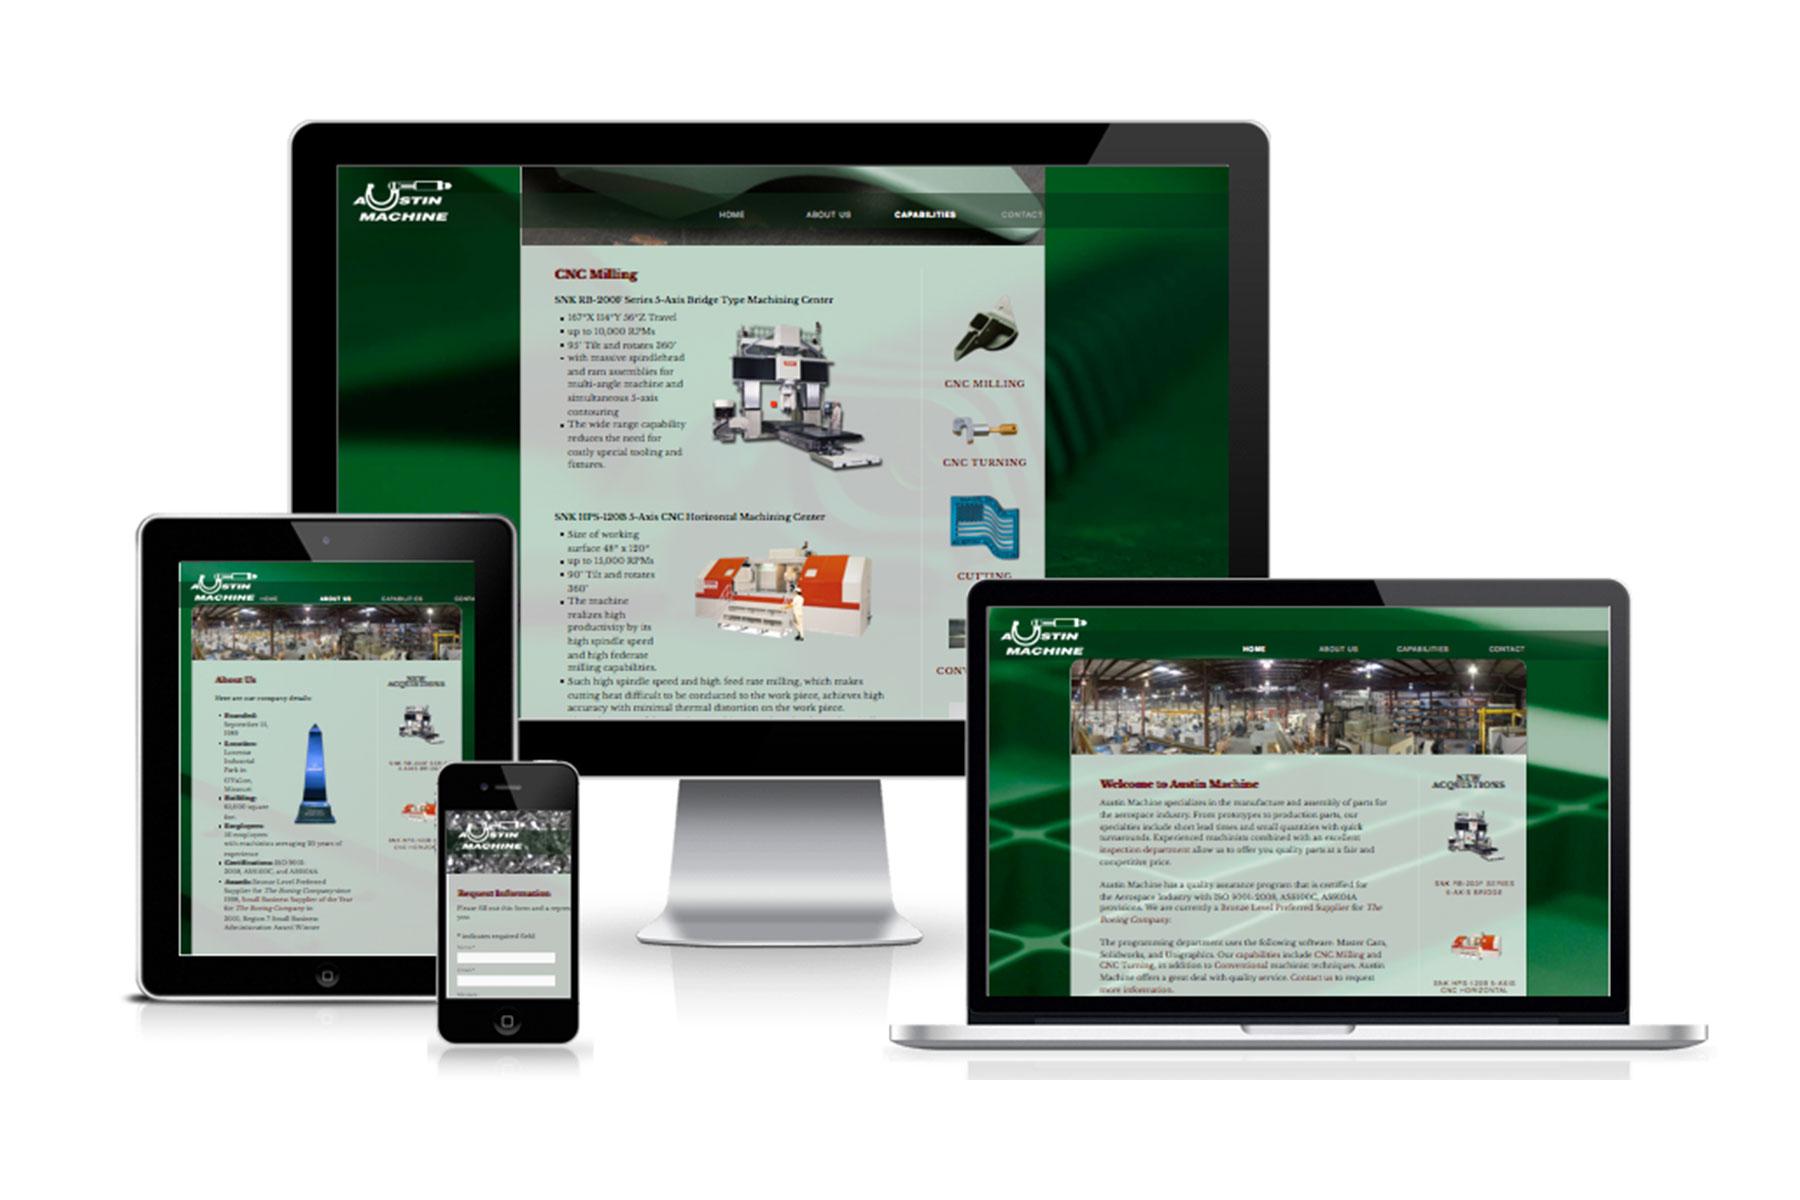 AUSTIN MACHINE website